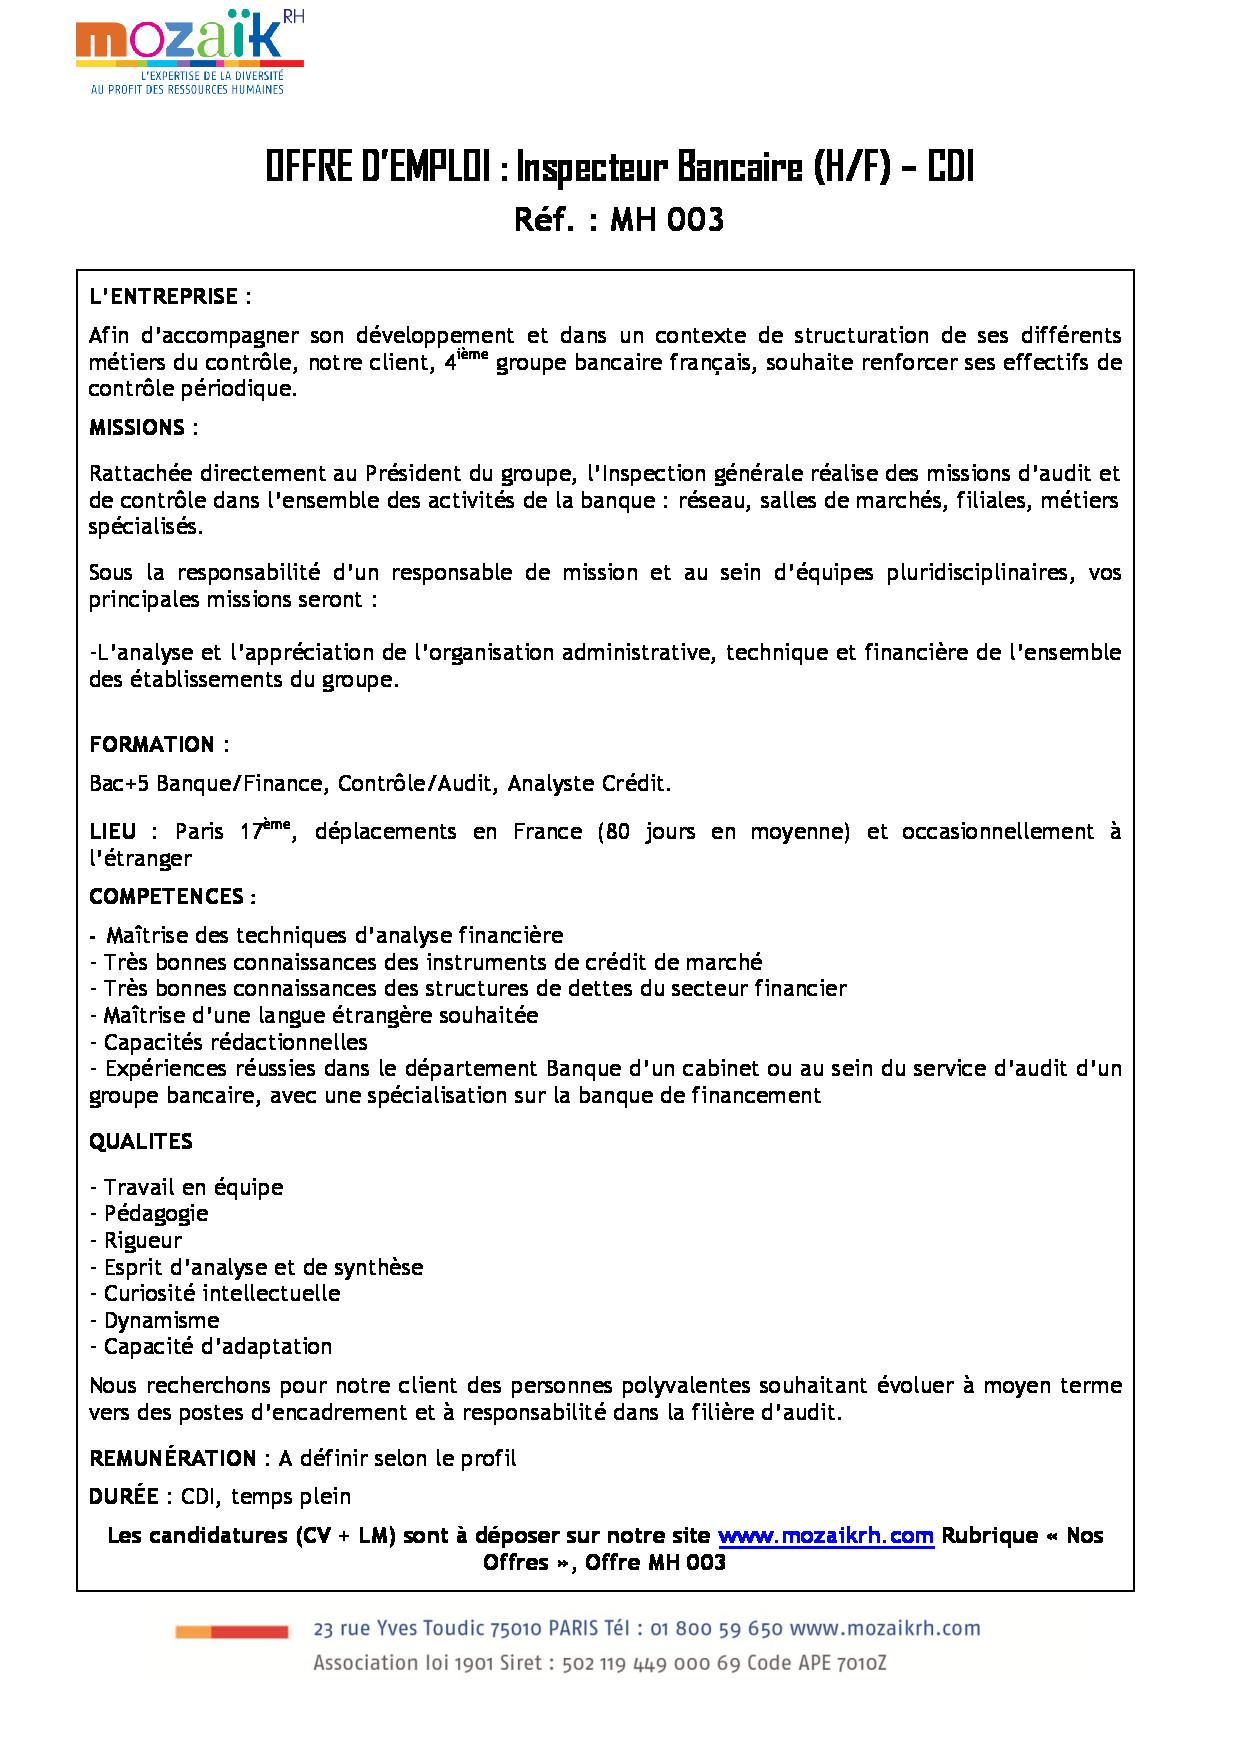 FDP Inspecteur Bancaire_V2 (2)